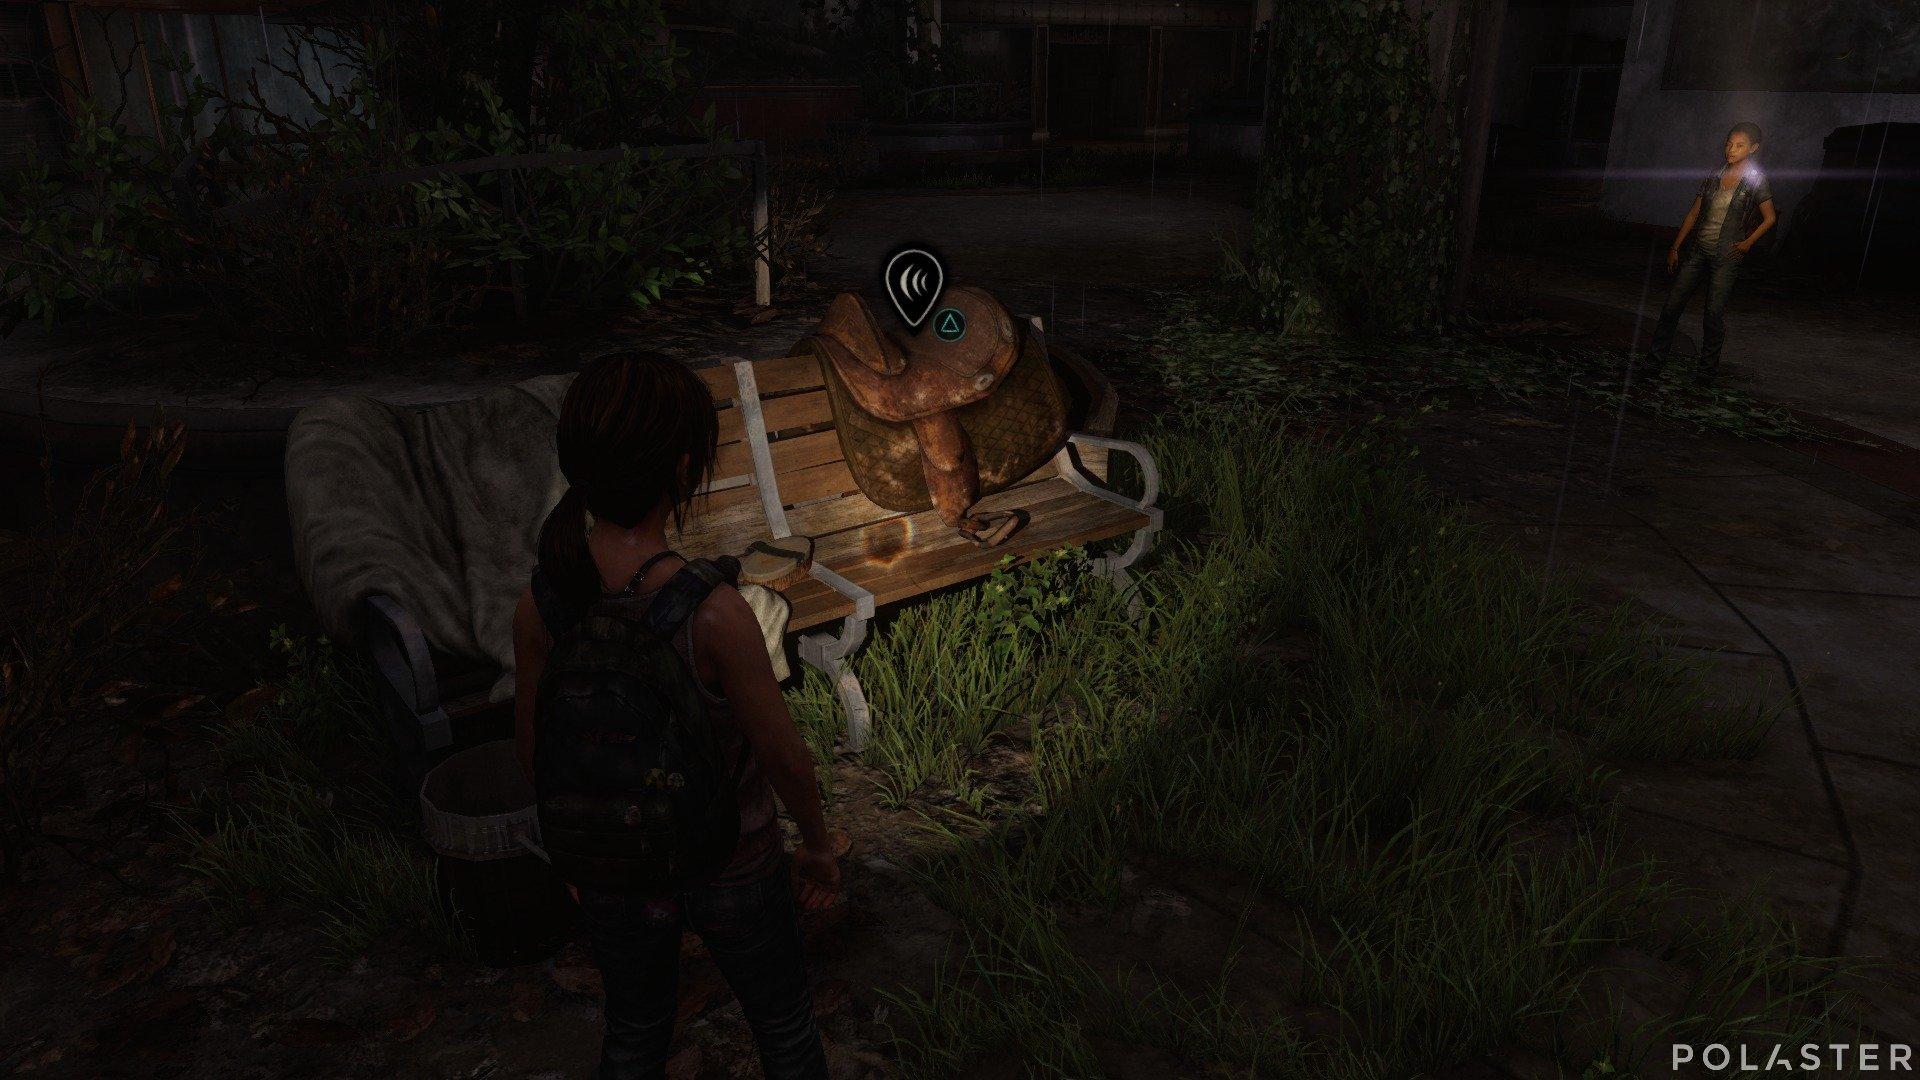 The Last of Us DLC Left Behind Conversación opcional